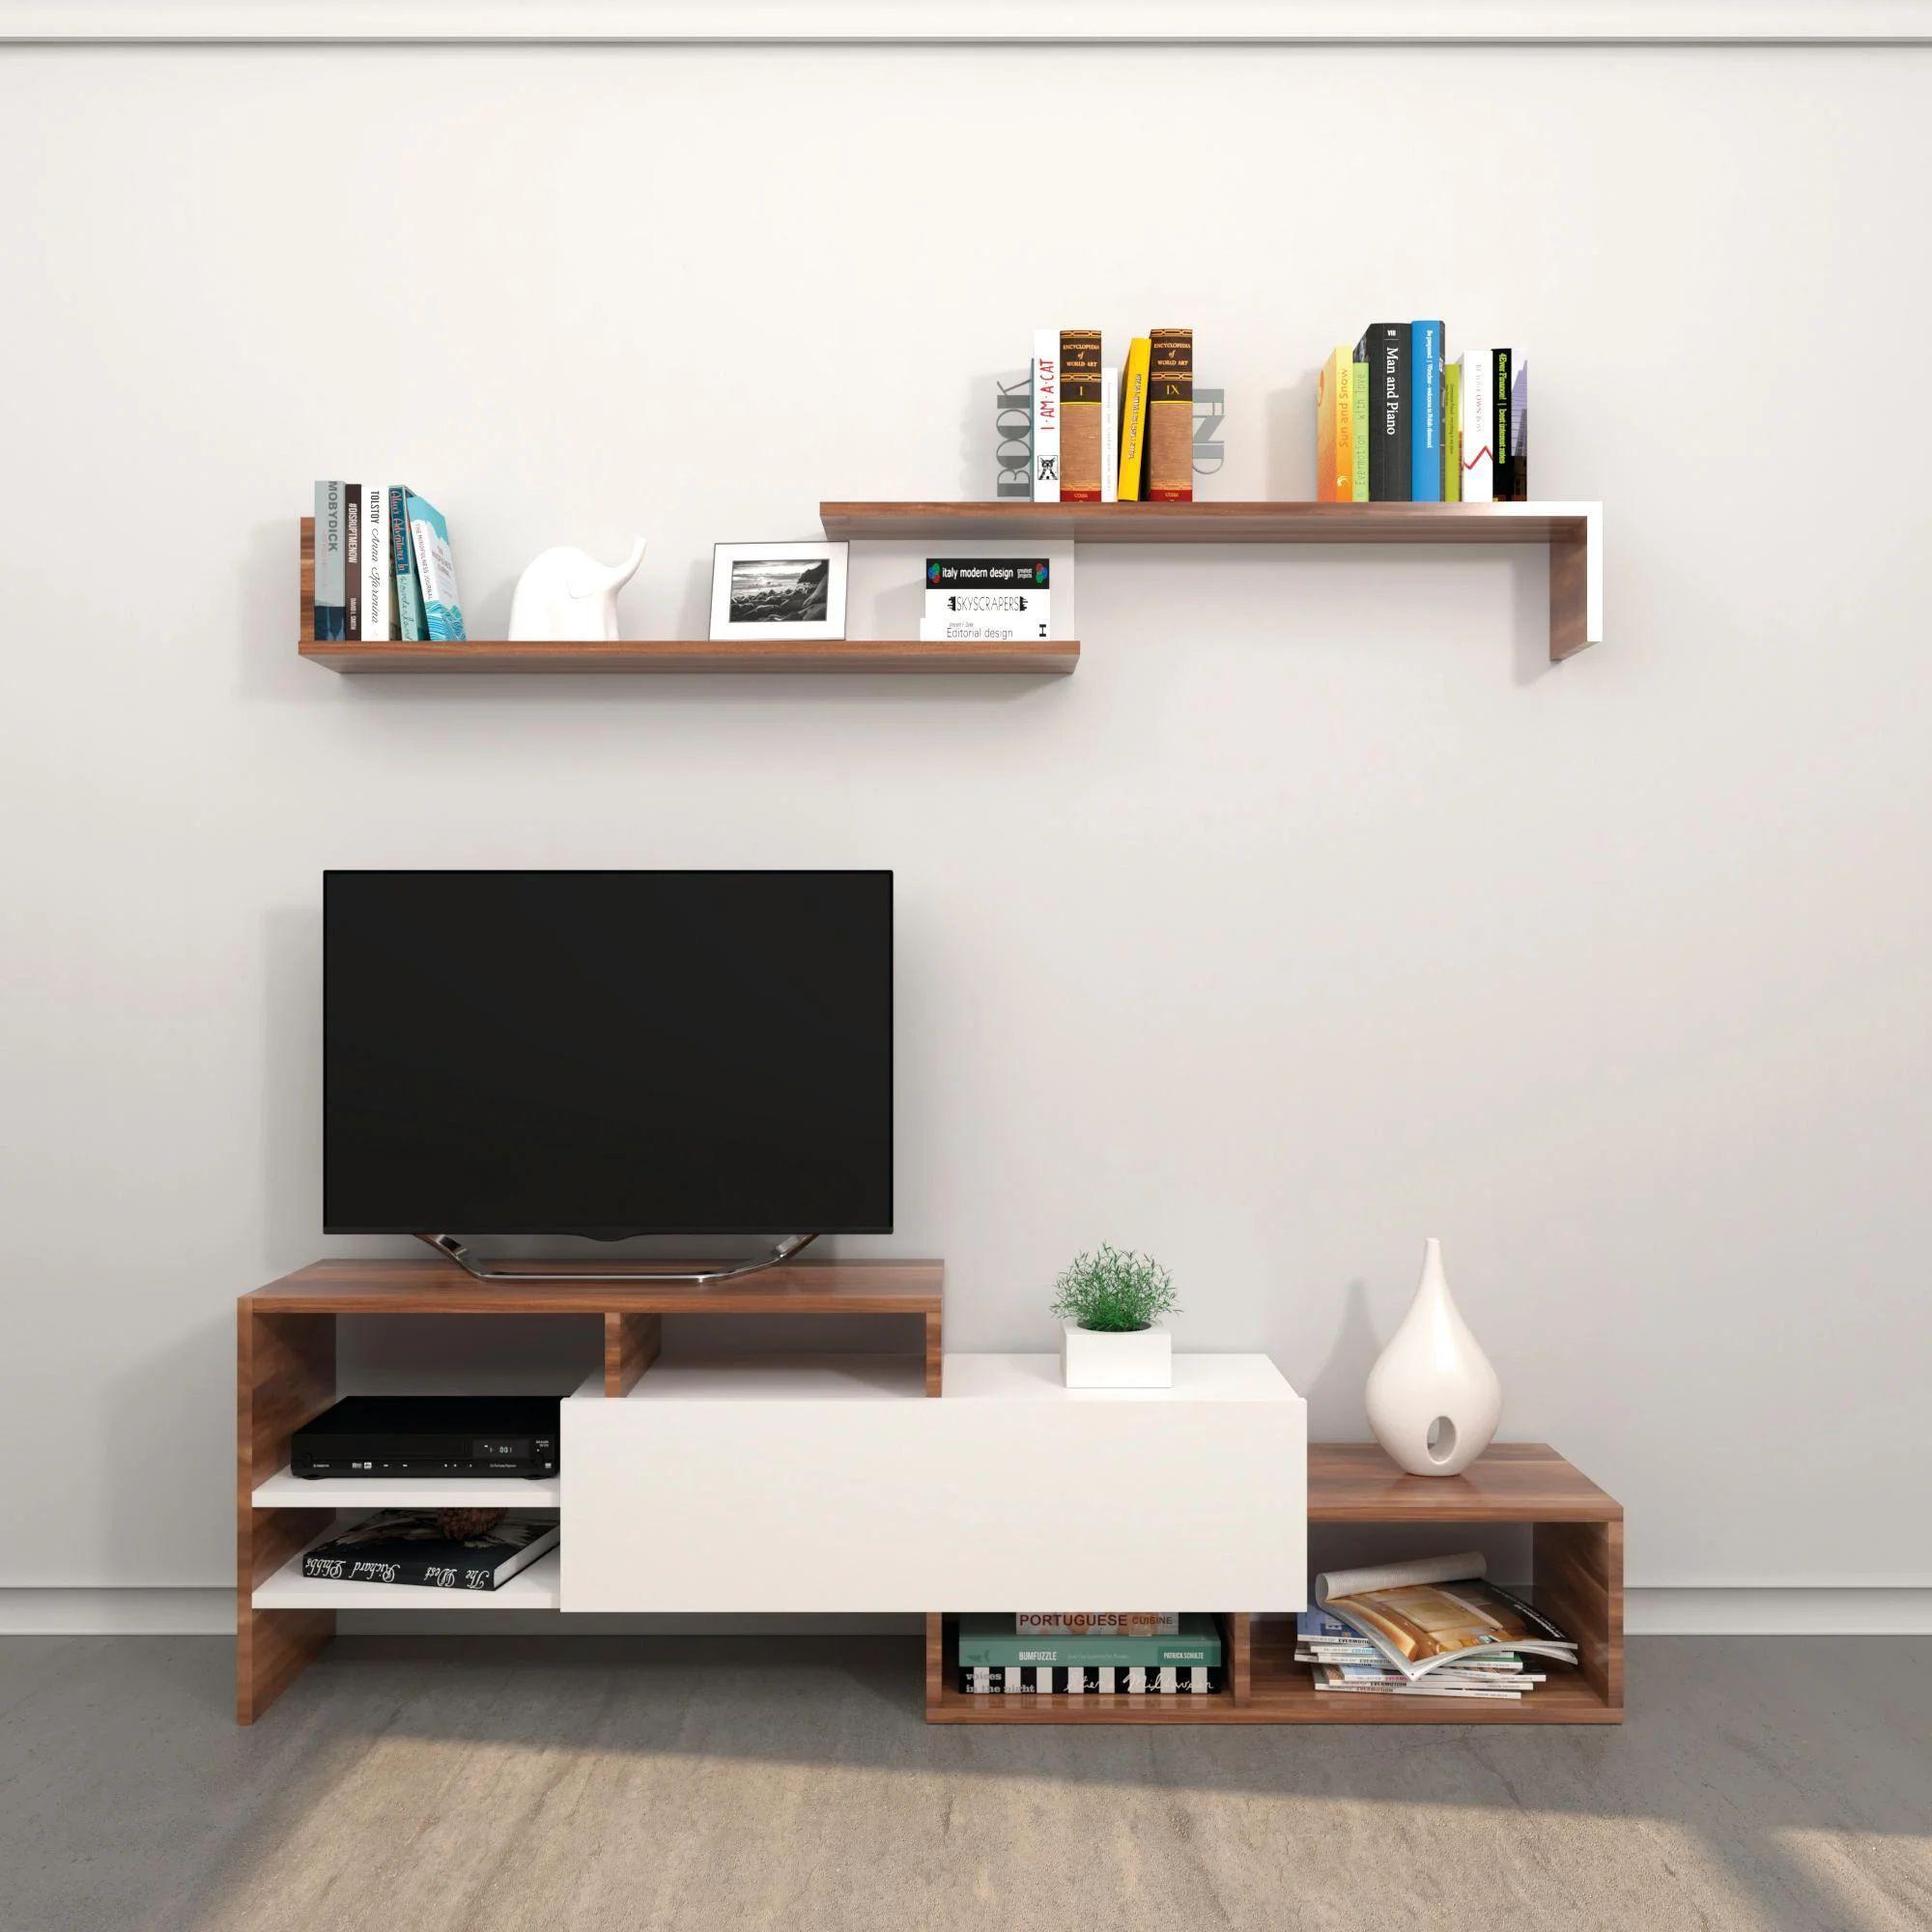 Da arredissima puoi trovare mobili per il soggiorno moderni, ricercati e funzionali, che uniscono il design a soluzioni tecnologiche innovative per soddisfare ogni tipo di esigenza. Mobile Per Tv Fenice L 150 X H 45 X P 27 Cm Leroy Merlin